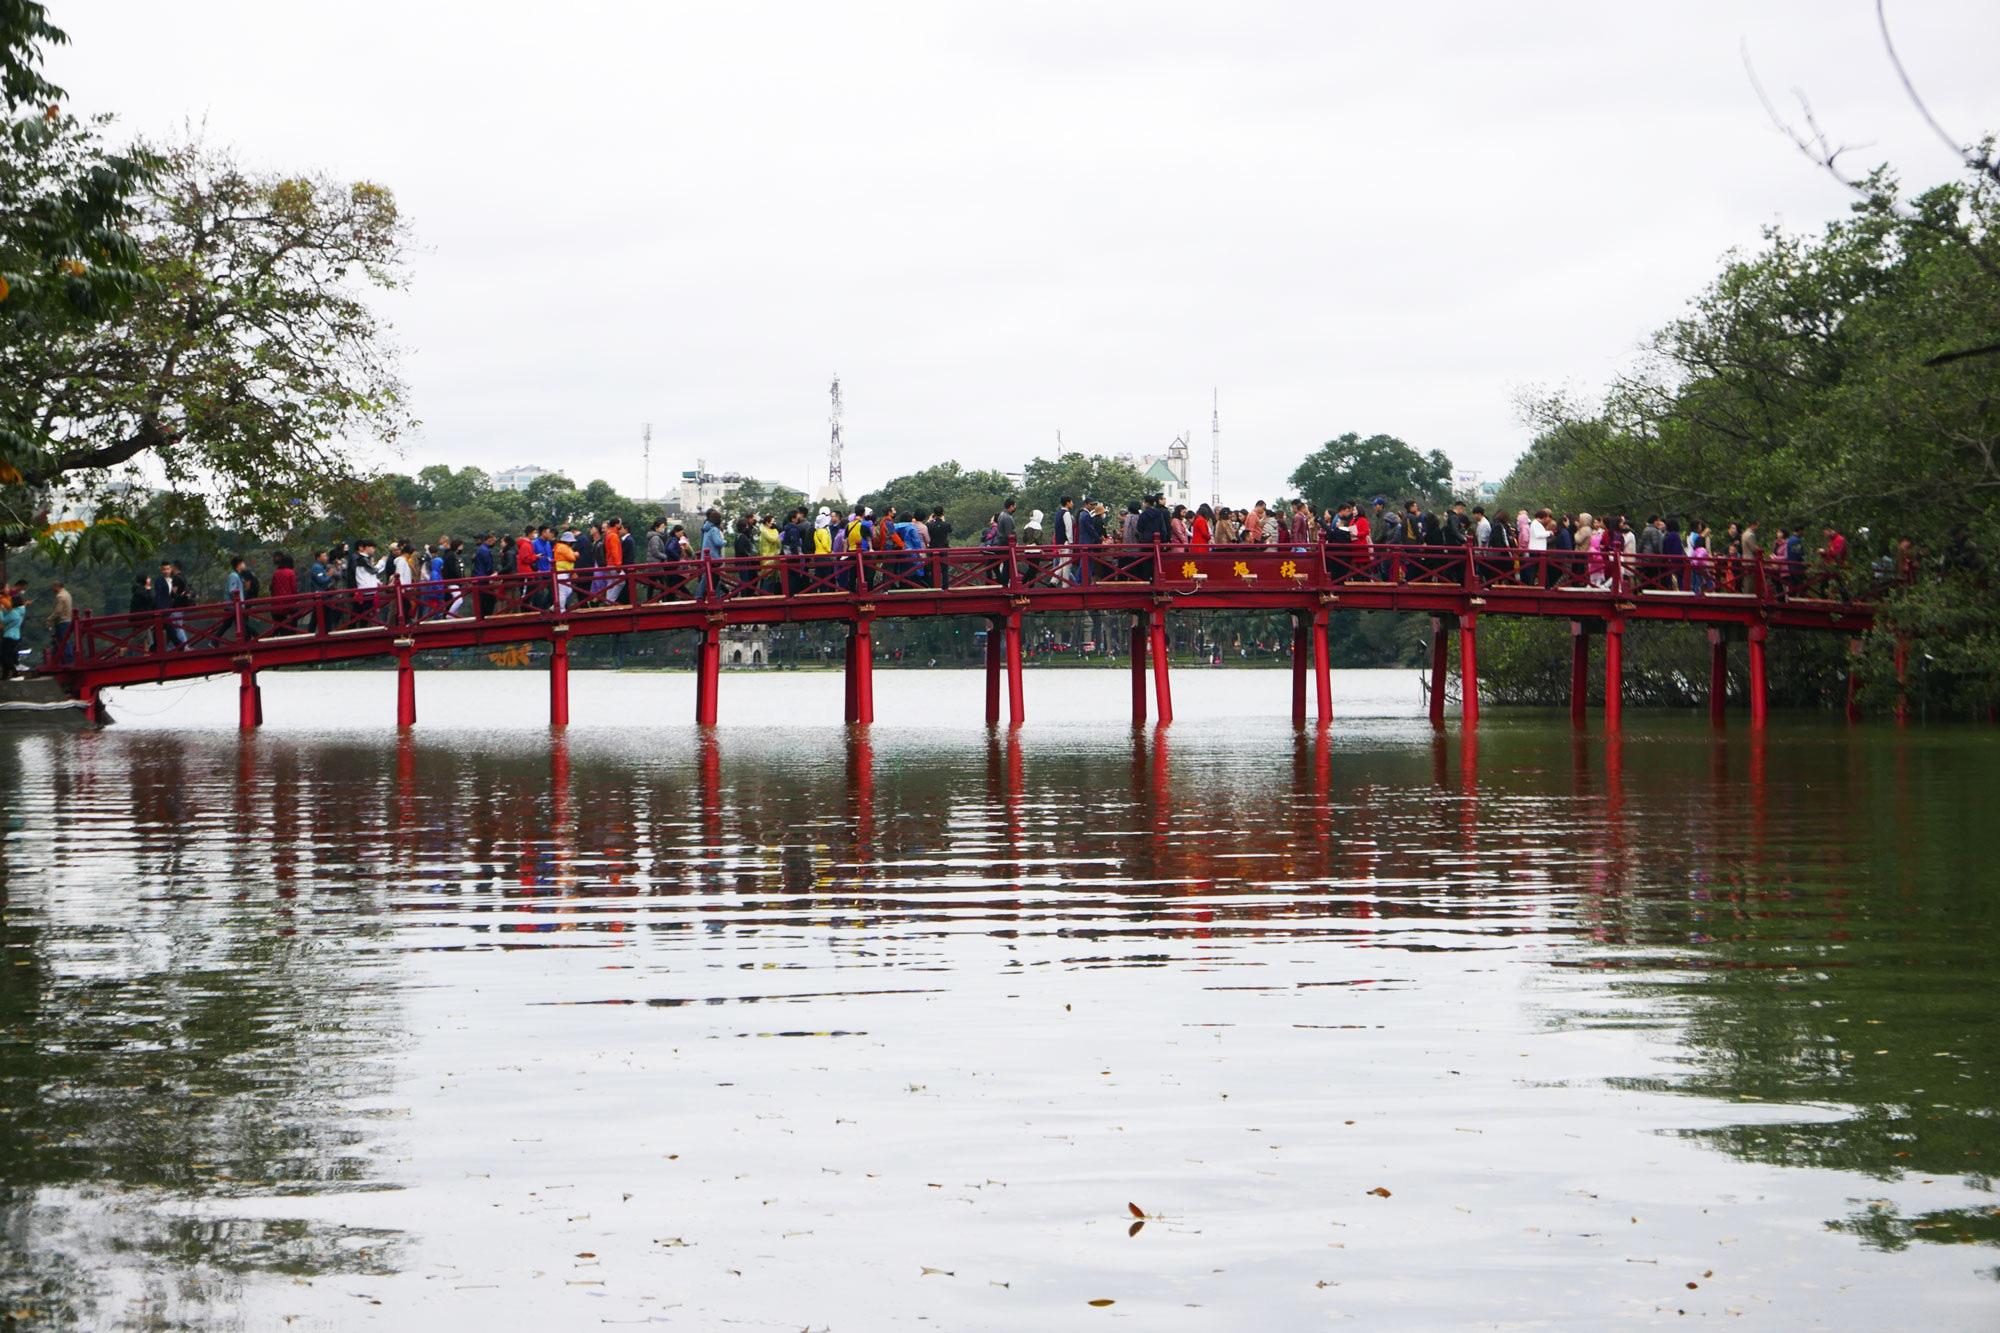 Cảnh lễ đền dưới mưa xuân tuyệt đẹp ở Hà Nội ngày mùng 1 Tết - Ảnh 1.